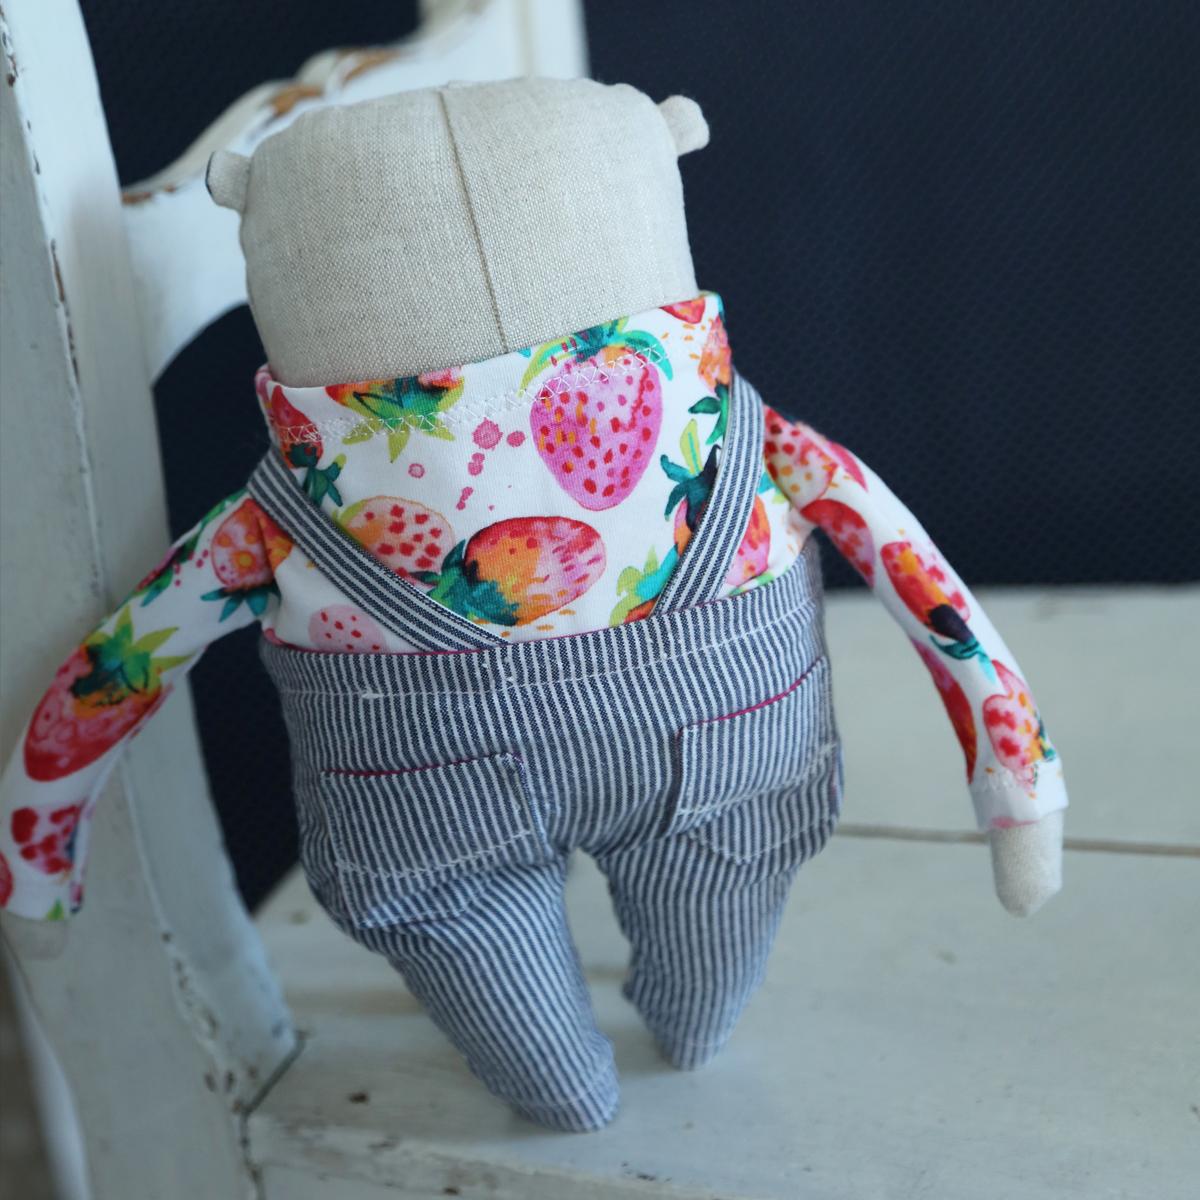 allydesign hračka mazlík medvěd jahůdka